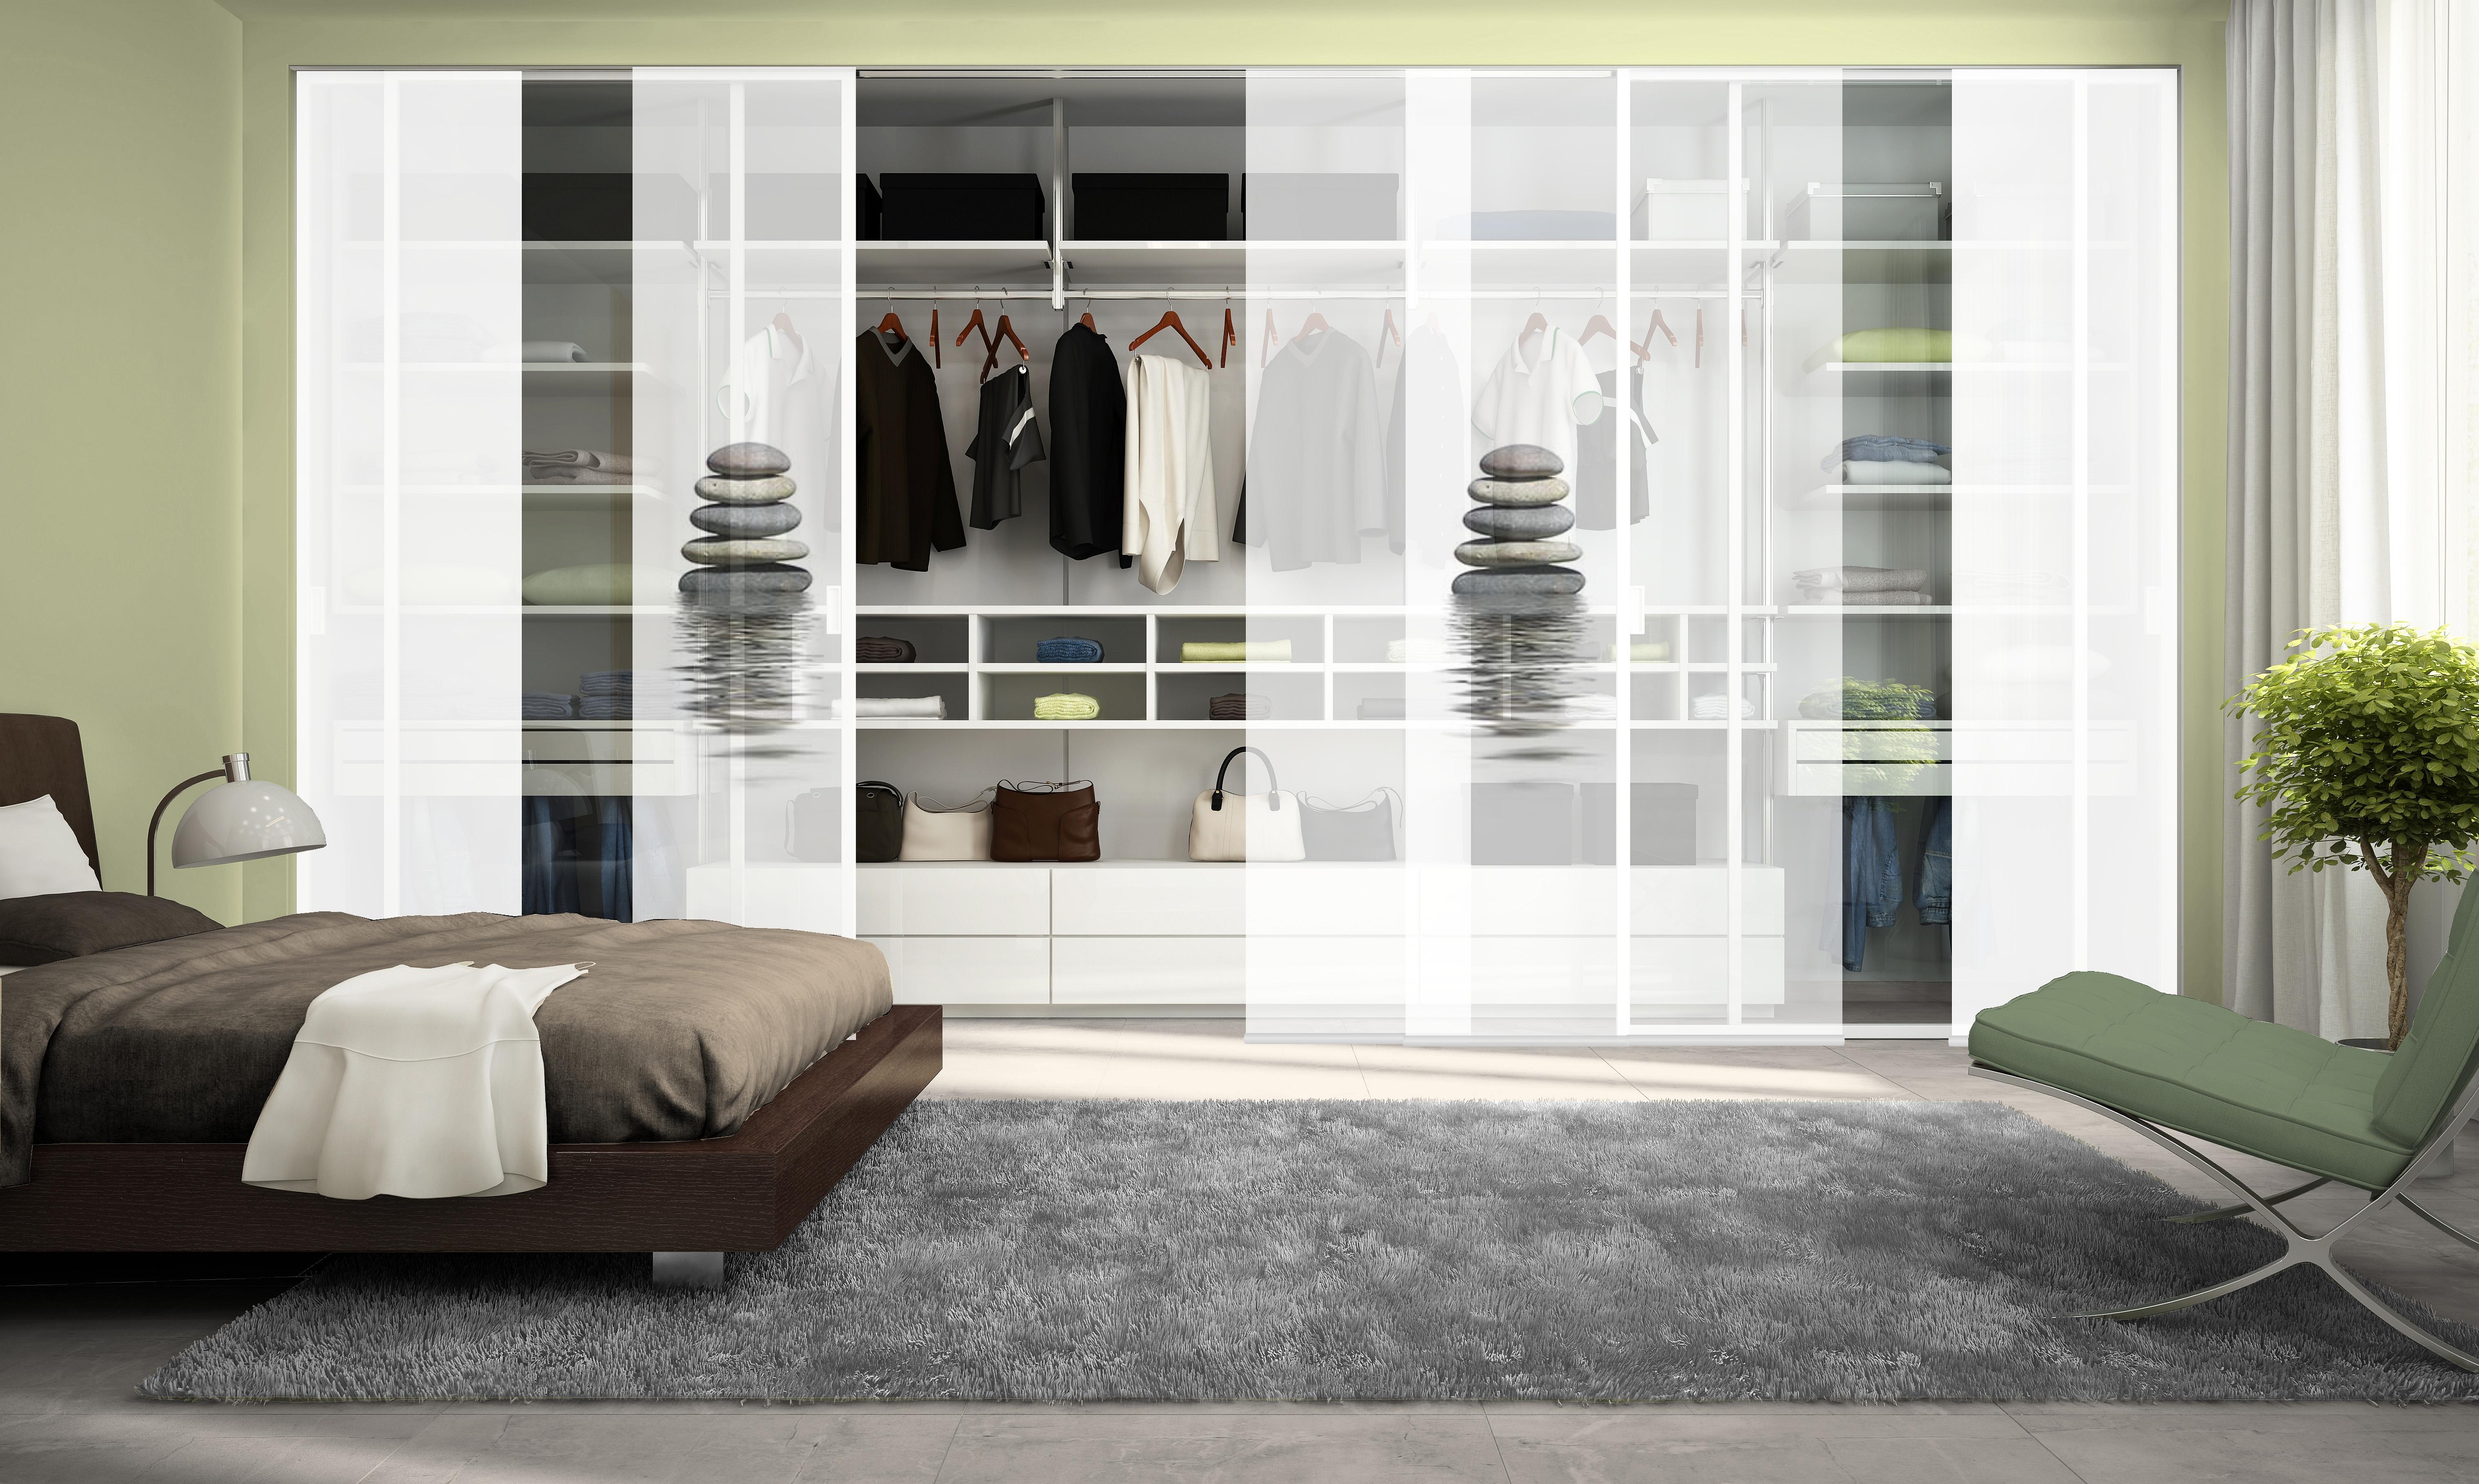 Paneelgordijn home wohnideen bazzy per stuk met for Wohnideen accessoires